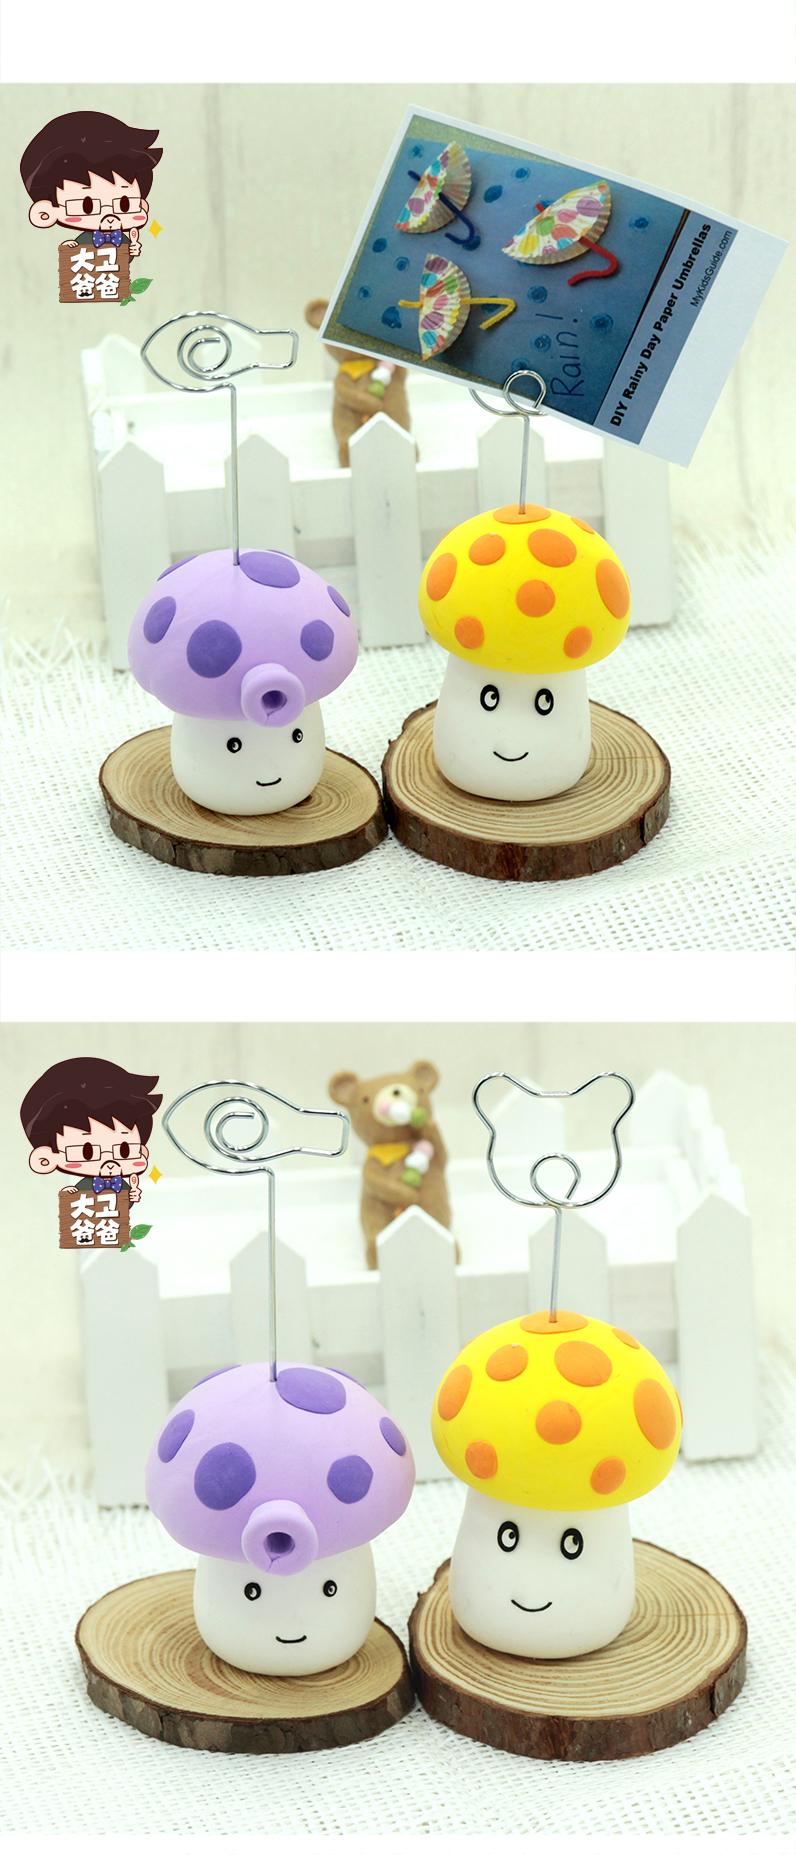 超轻粘土 蘑菇便签夹儿童手工diy制作彩泥材料包幼儿